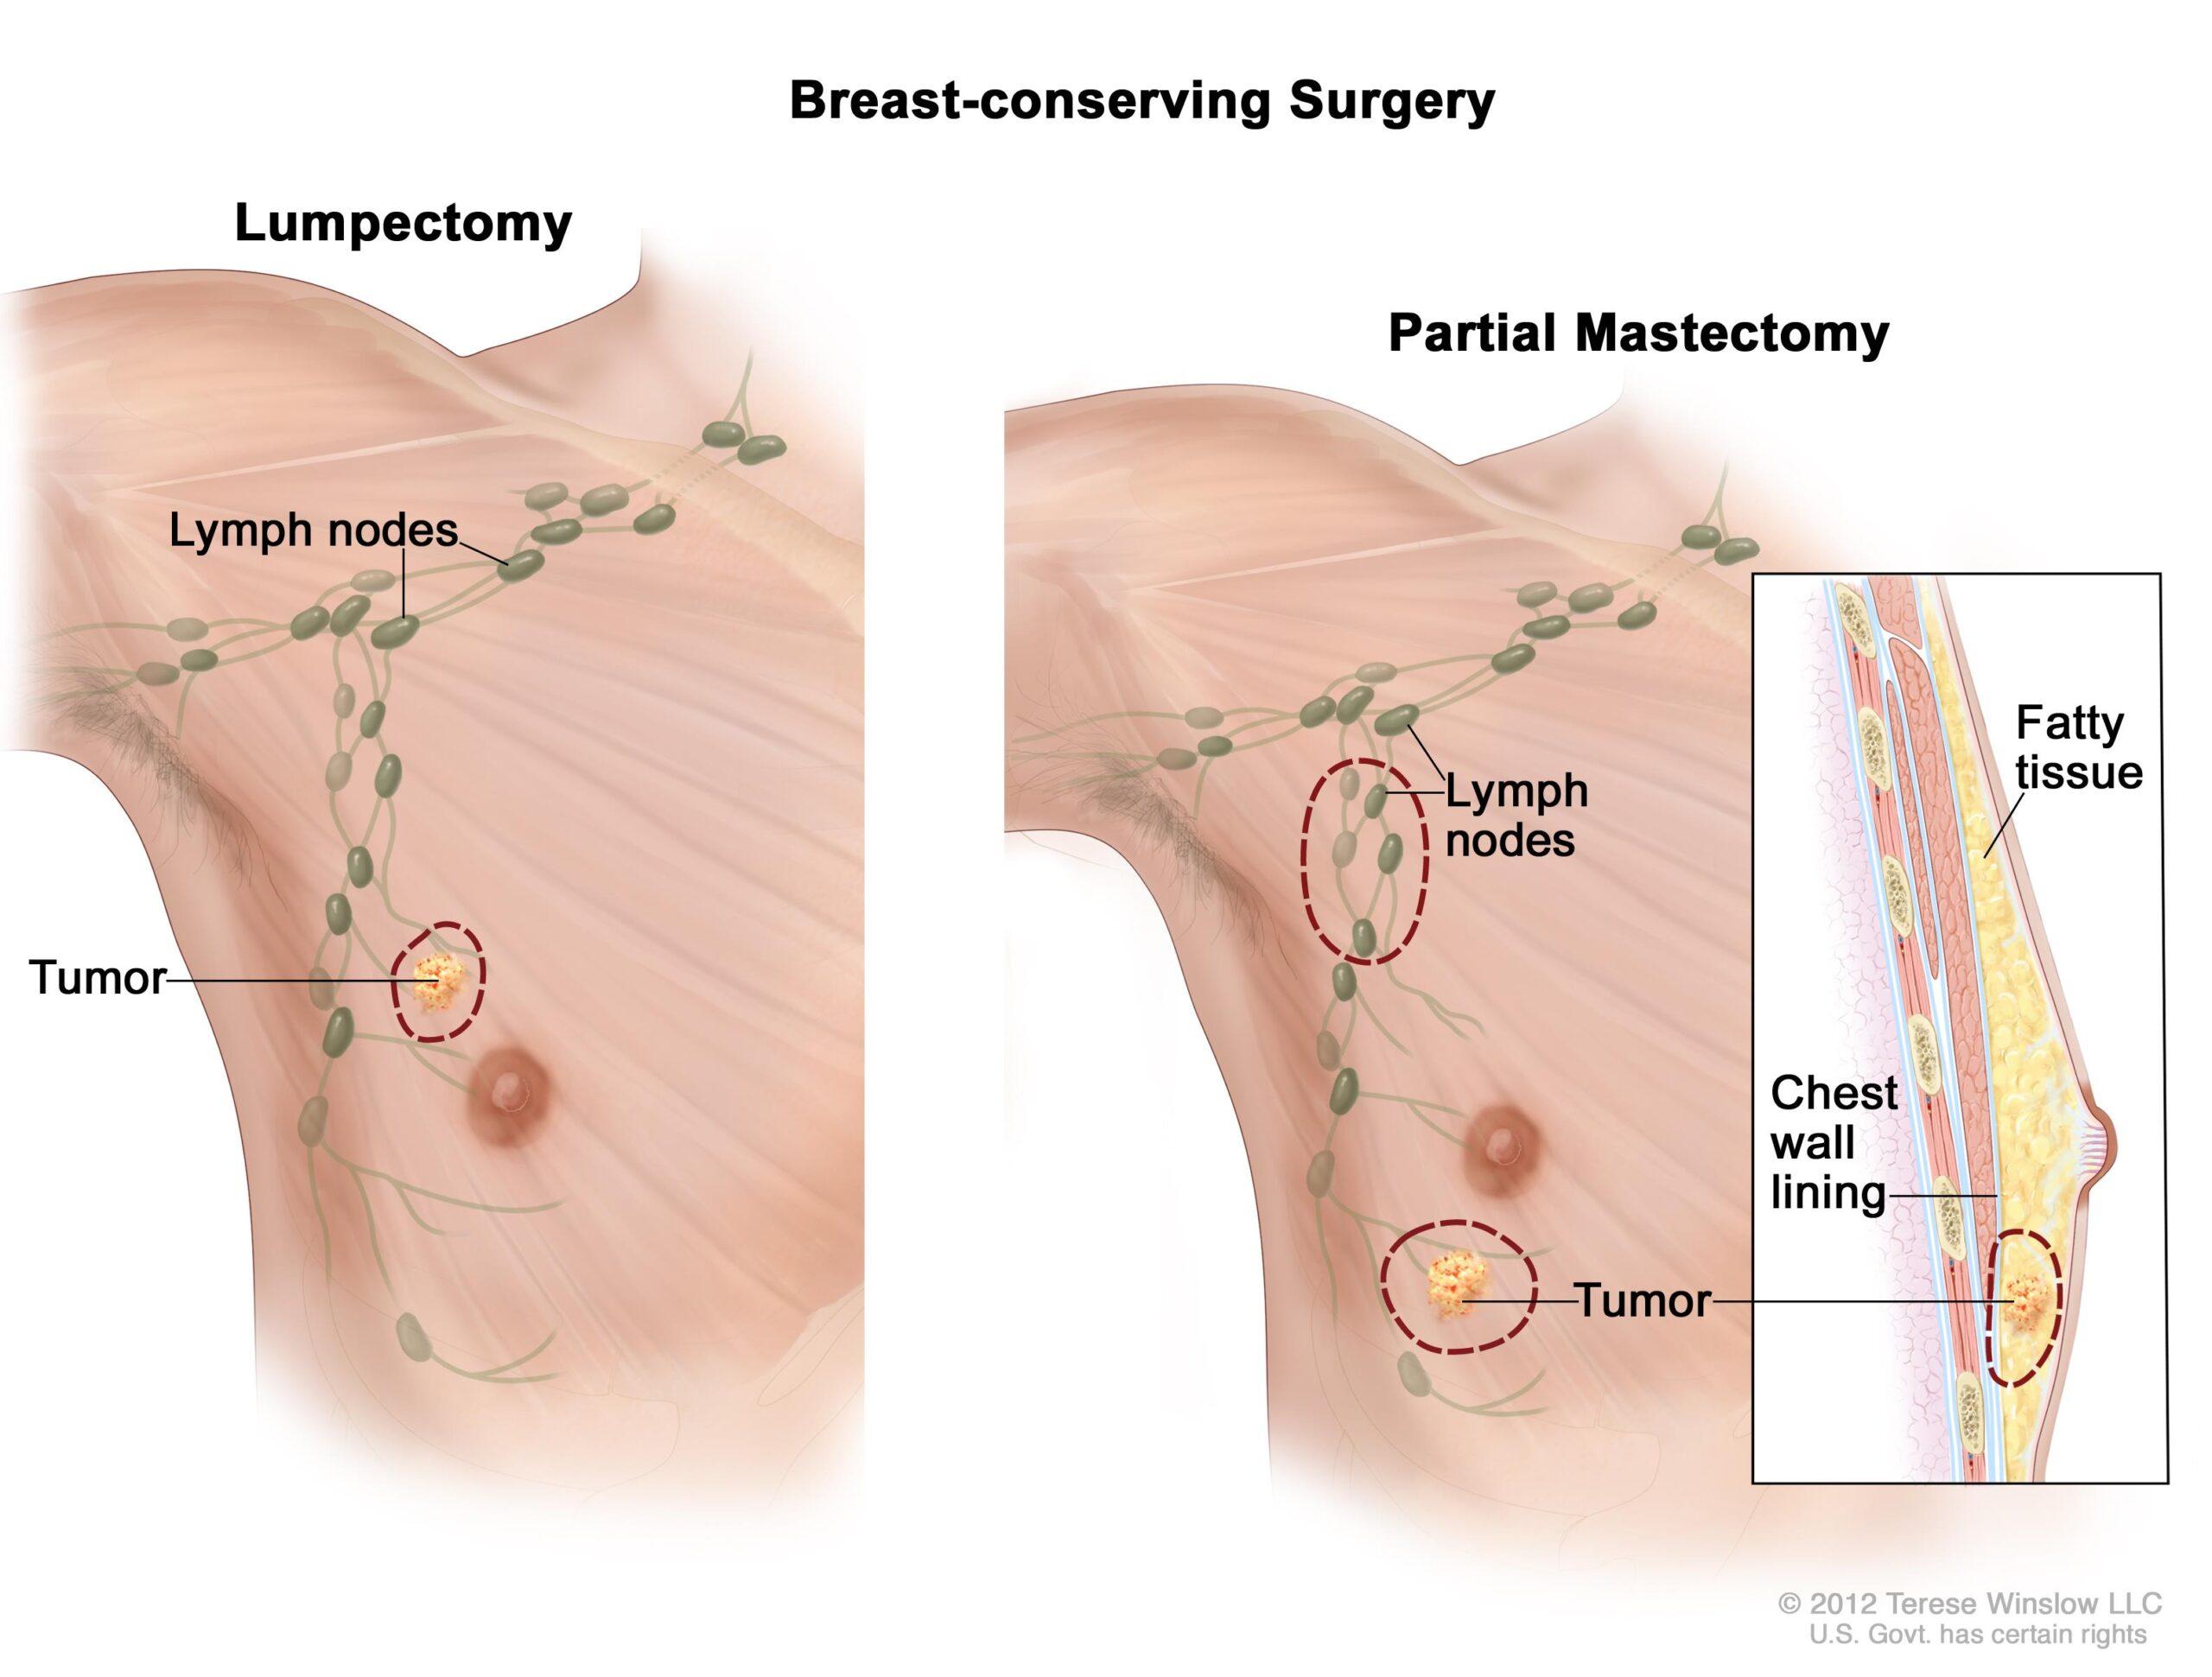 Γιατί διαφέρει το μικροβίωμα στις γυναίκες με καρκίνο του μαστού;